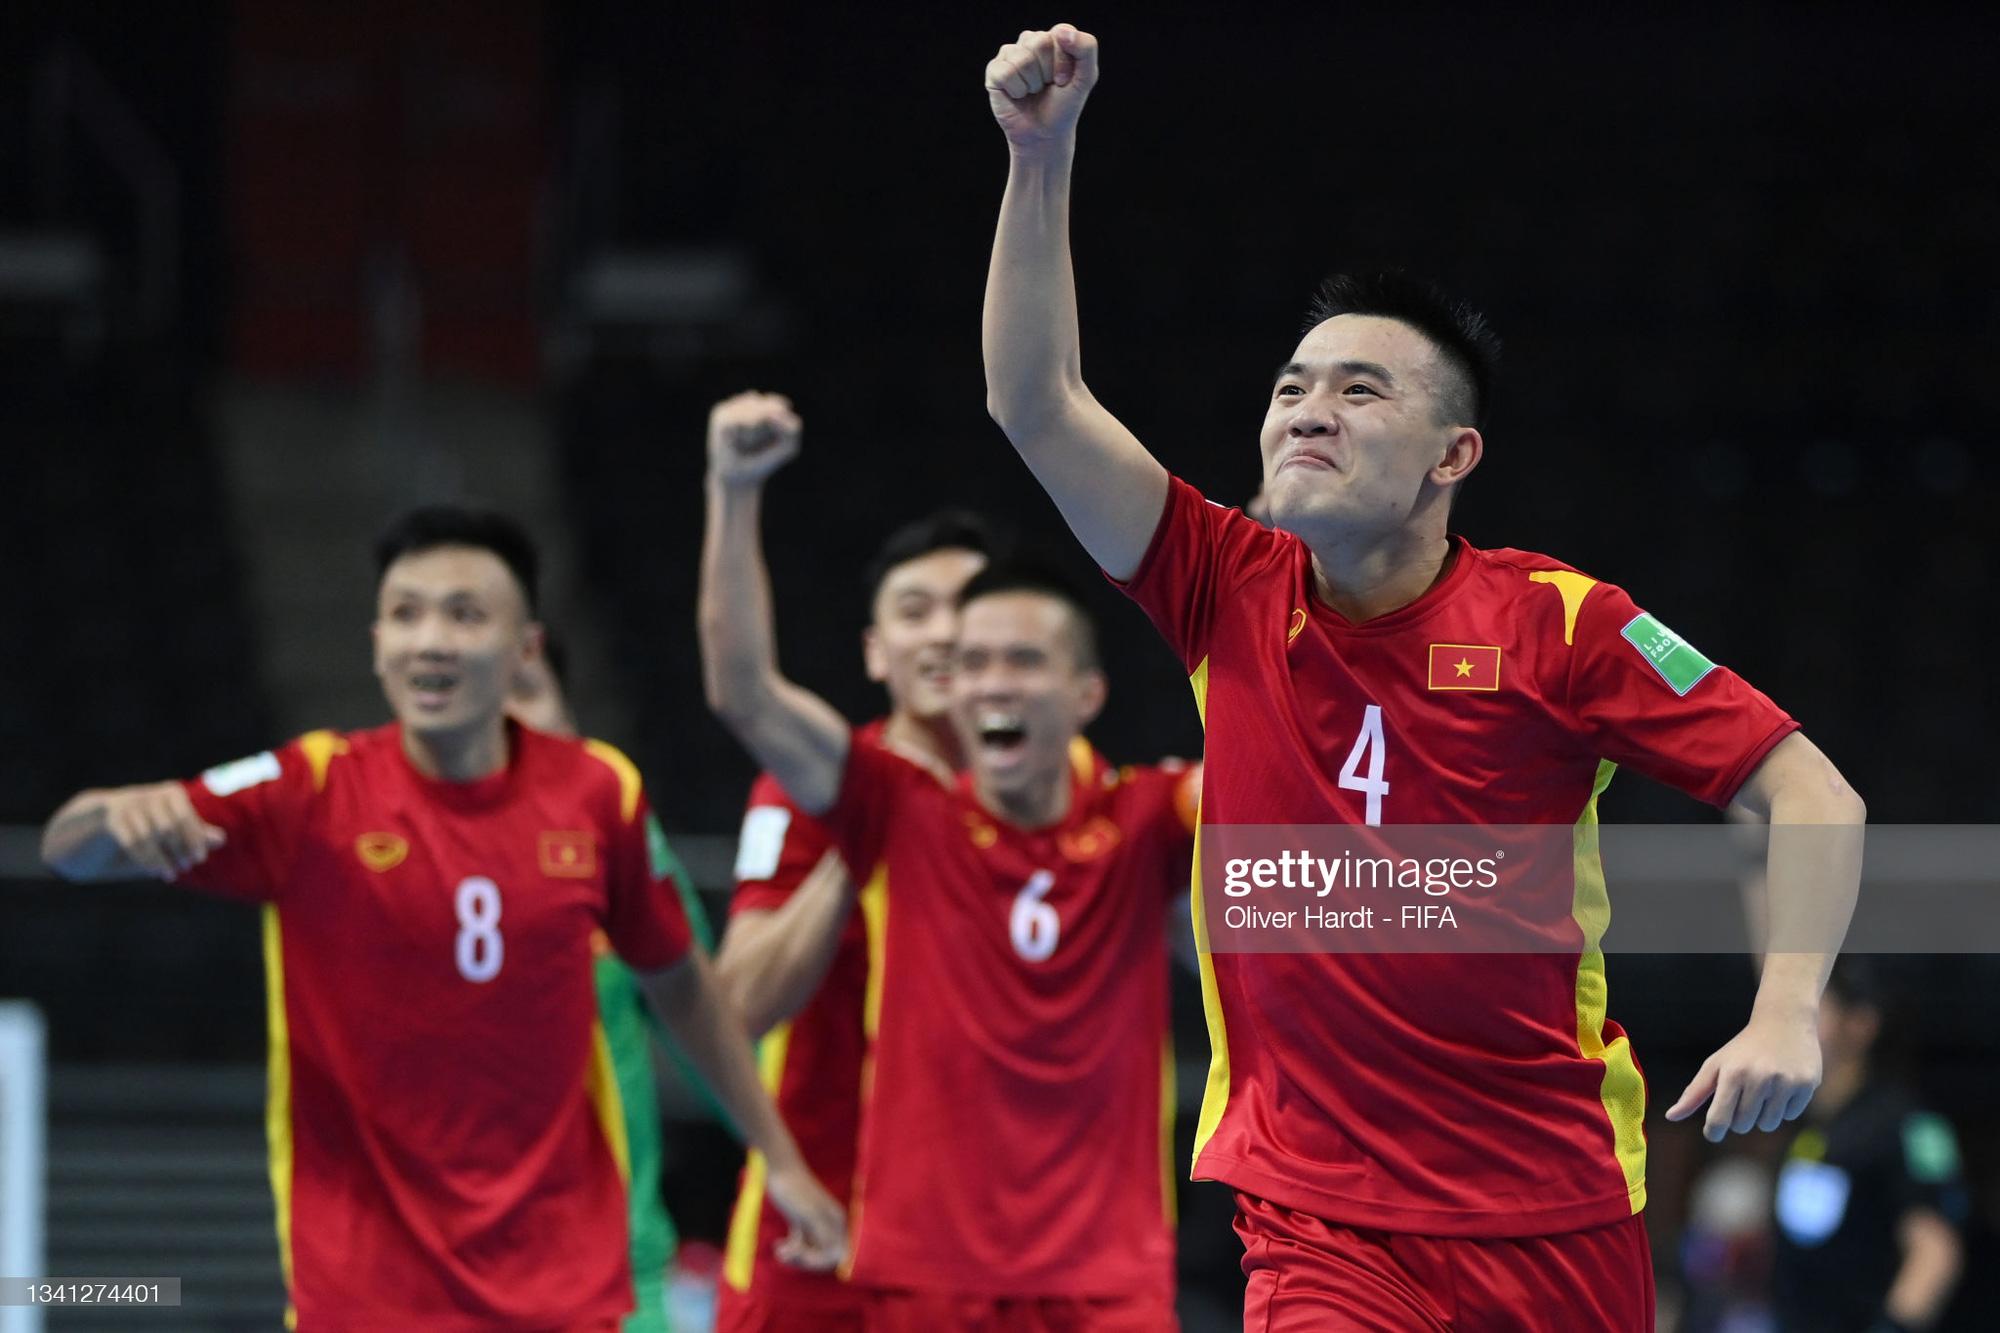 """Thầy cũ nhận định: """"Châu Đoàn Phát sẽ trở thành ngôi sao của futsal Việt Nam trong tương lai"""" - Ảnh 2."""